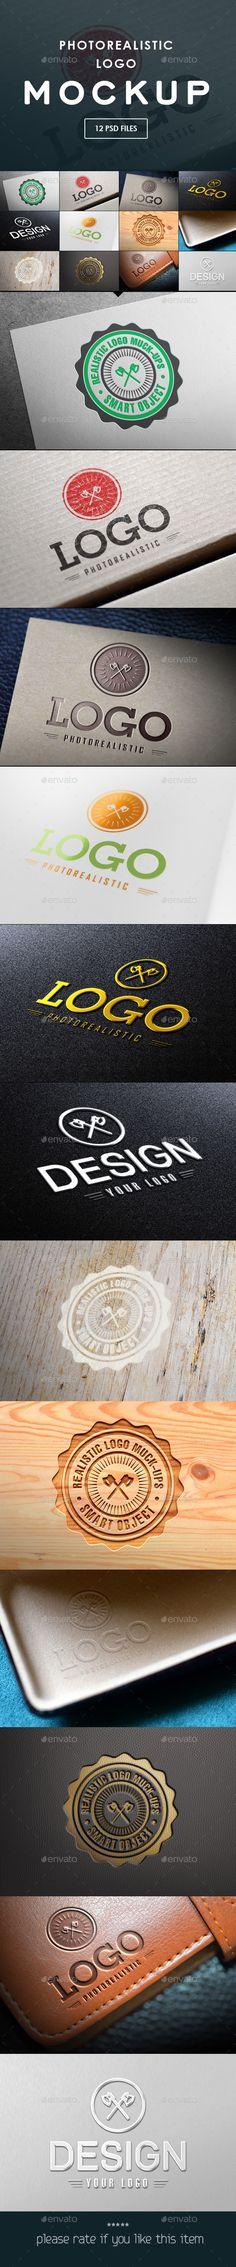 Logo Mock-Ups  — PSD Template #ogo mock-up #logo mockup • Download ➝ https://graphicriver.net/item/logo-mockups/17727803?ref=pxcr